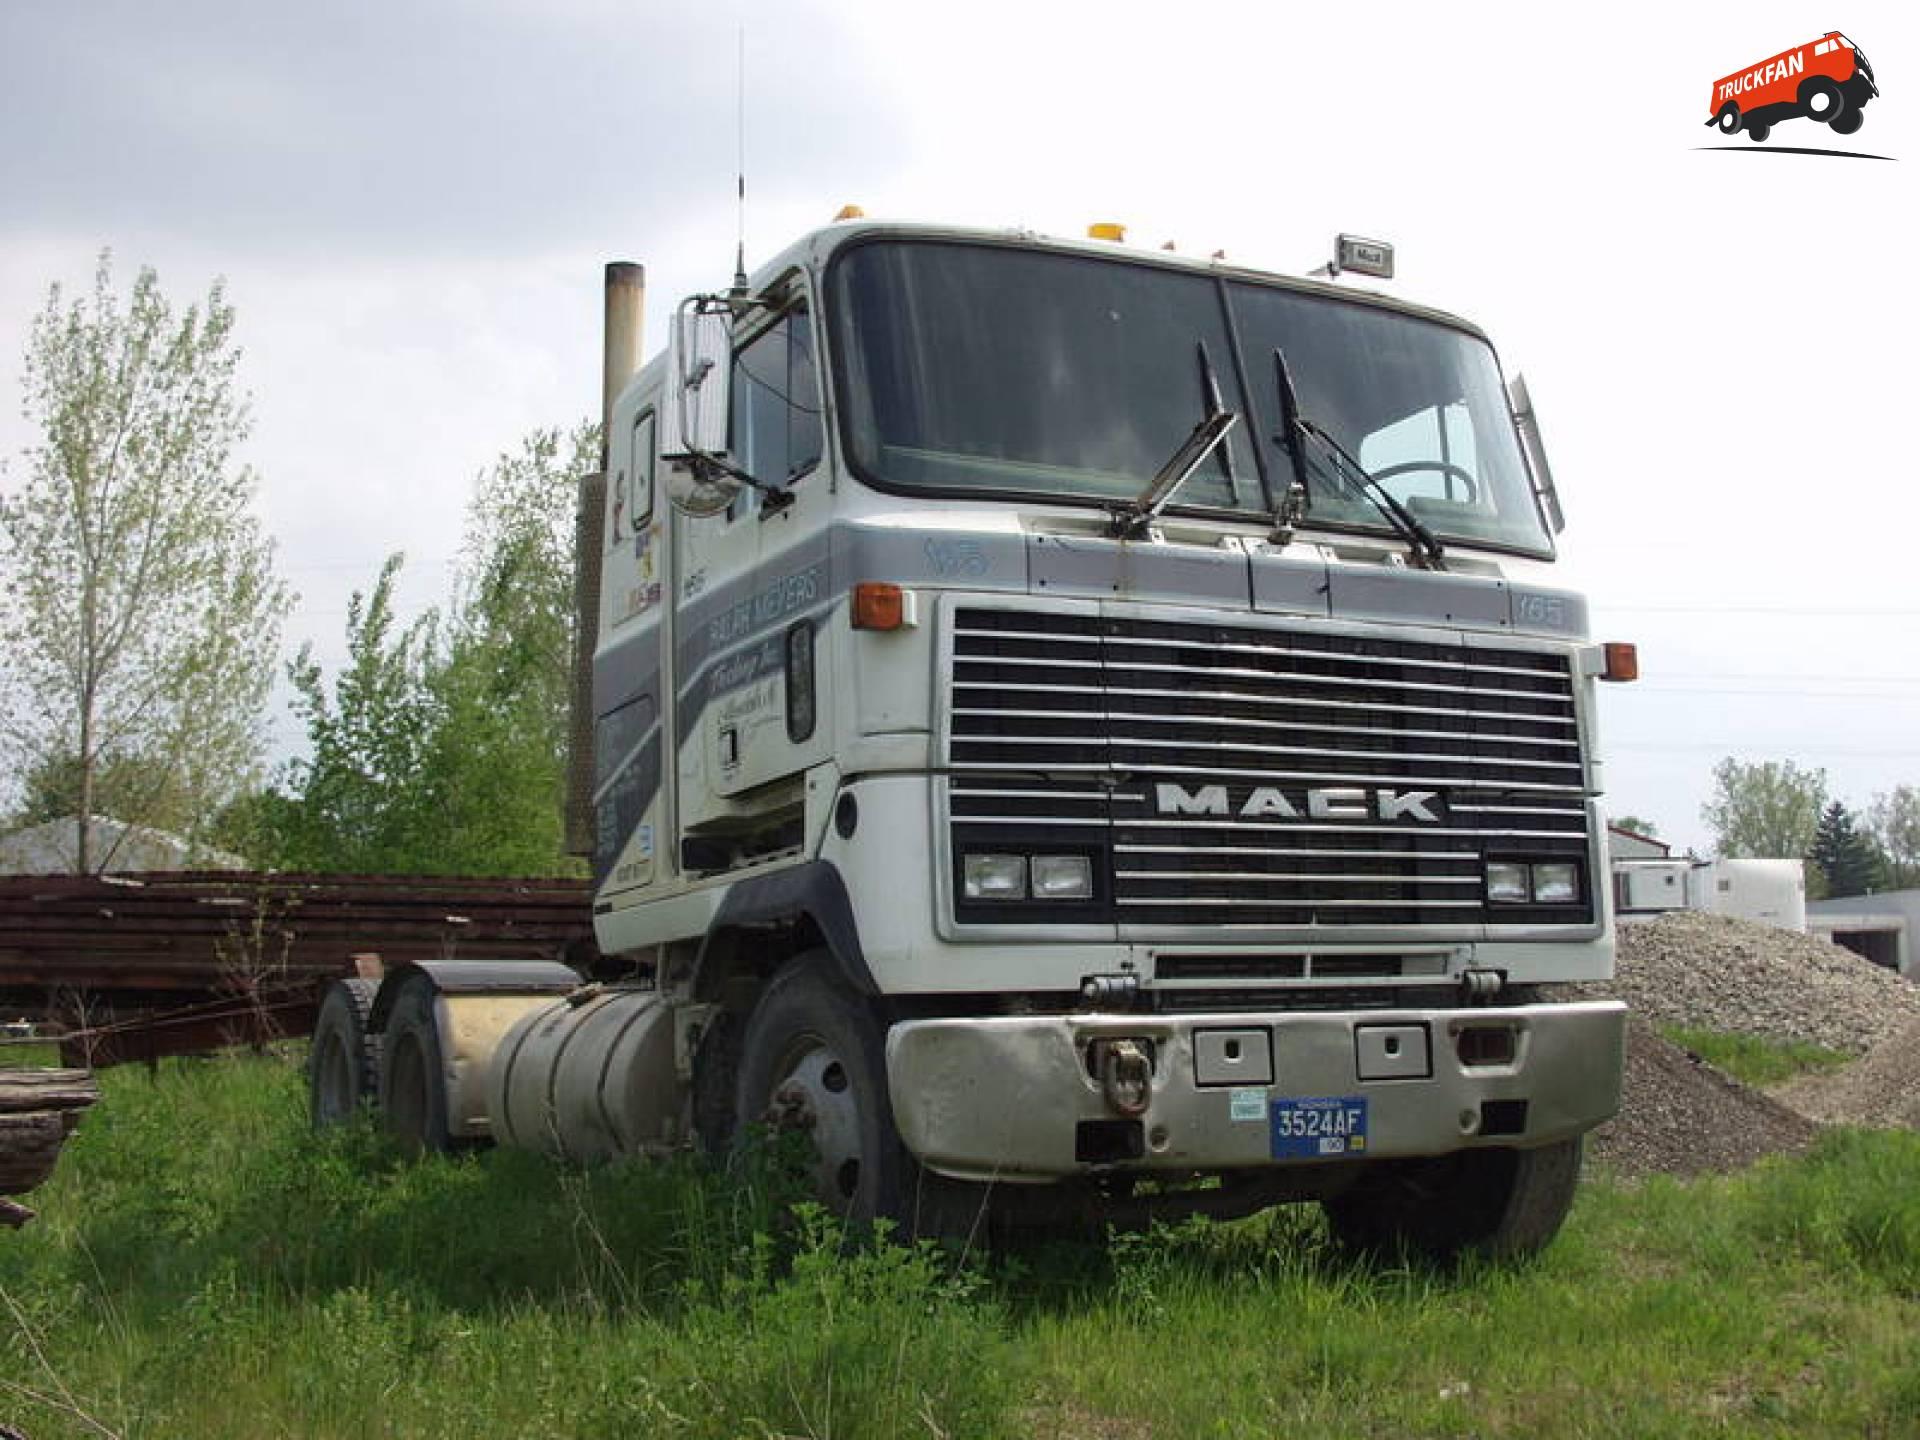 Mack MH (Ultraliner)